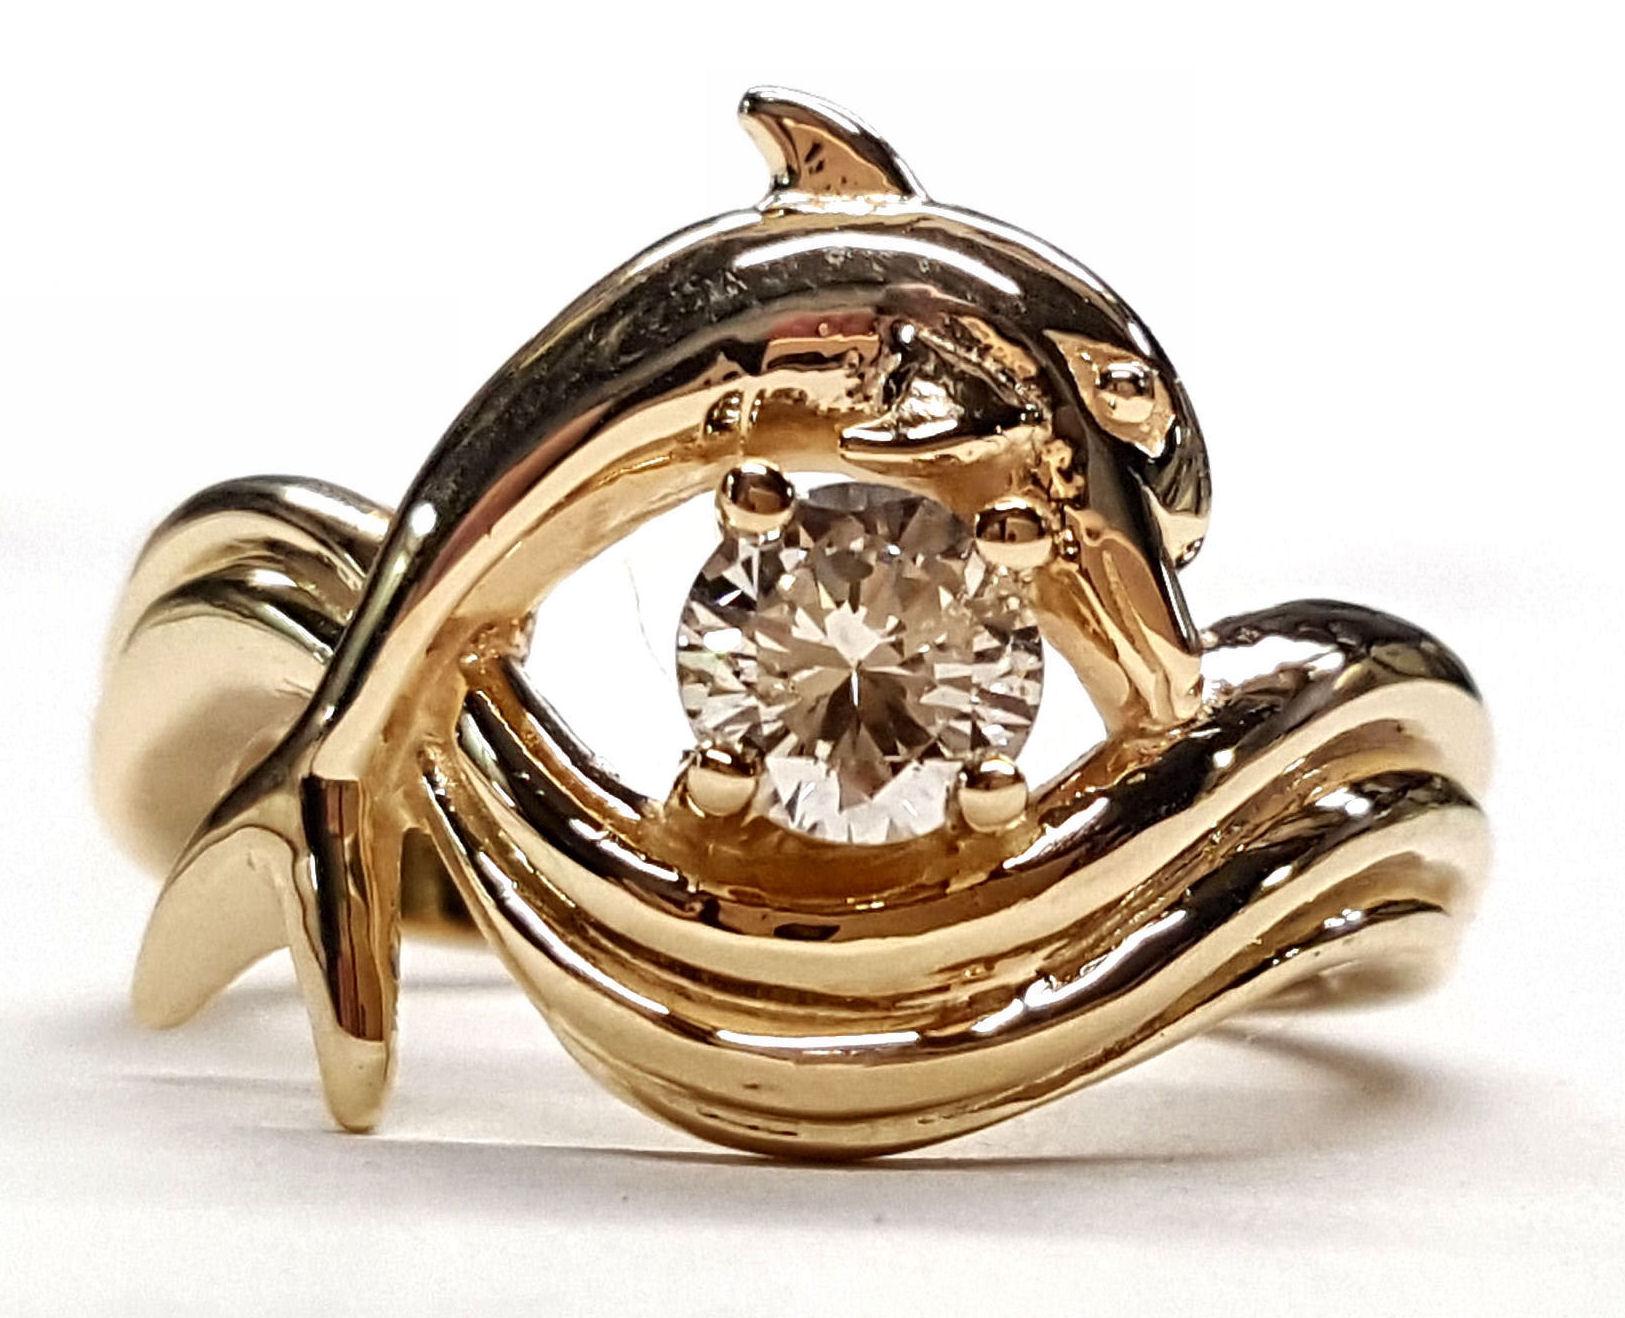 ssjewels dolphin wedding rings Dolphin Bridal Jewelry fine diamond jewelry